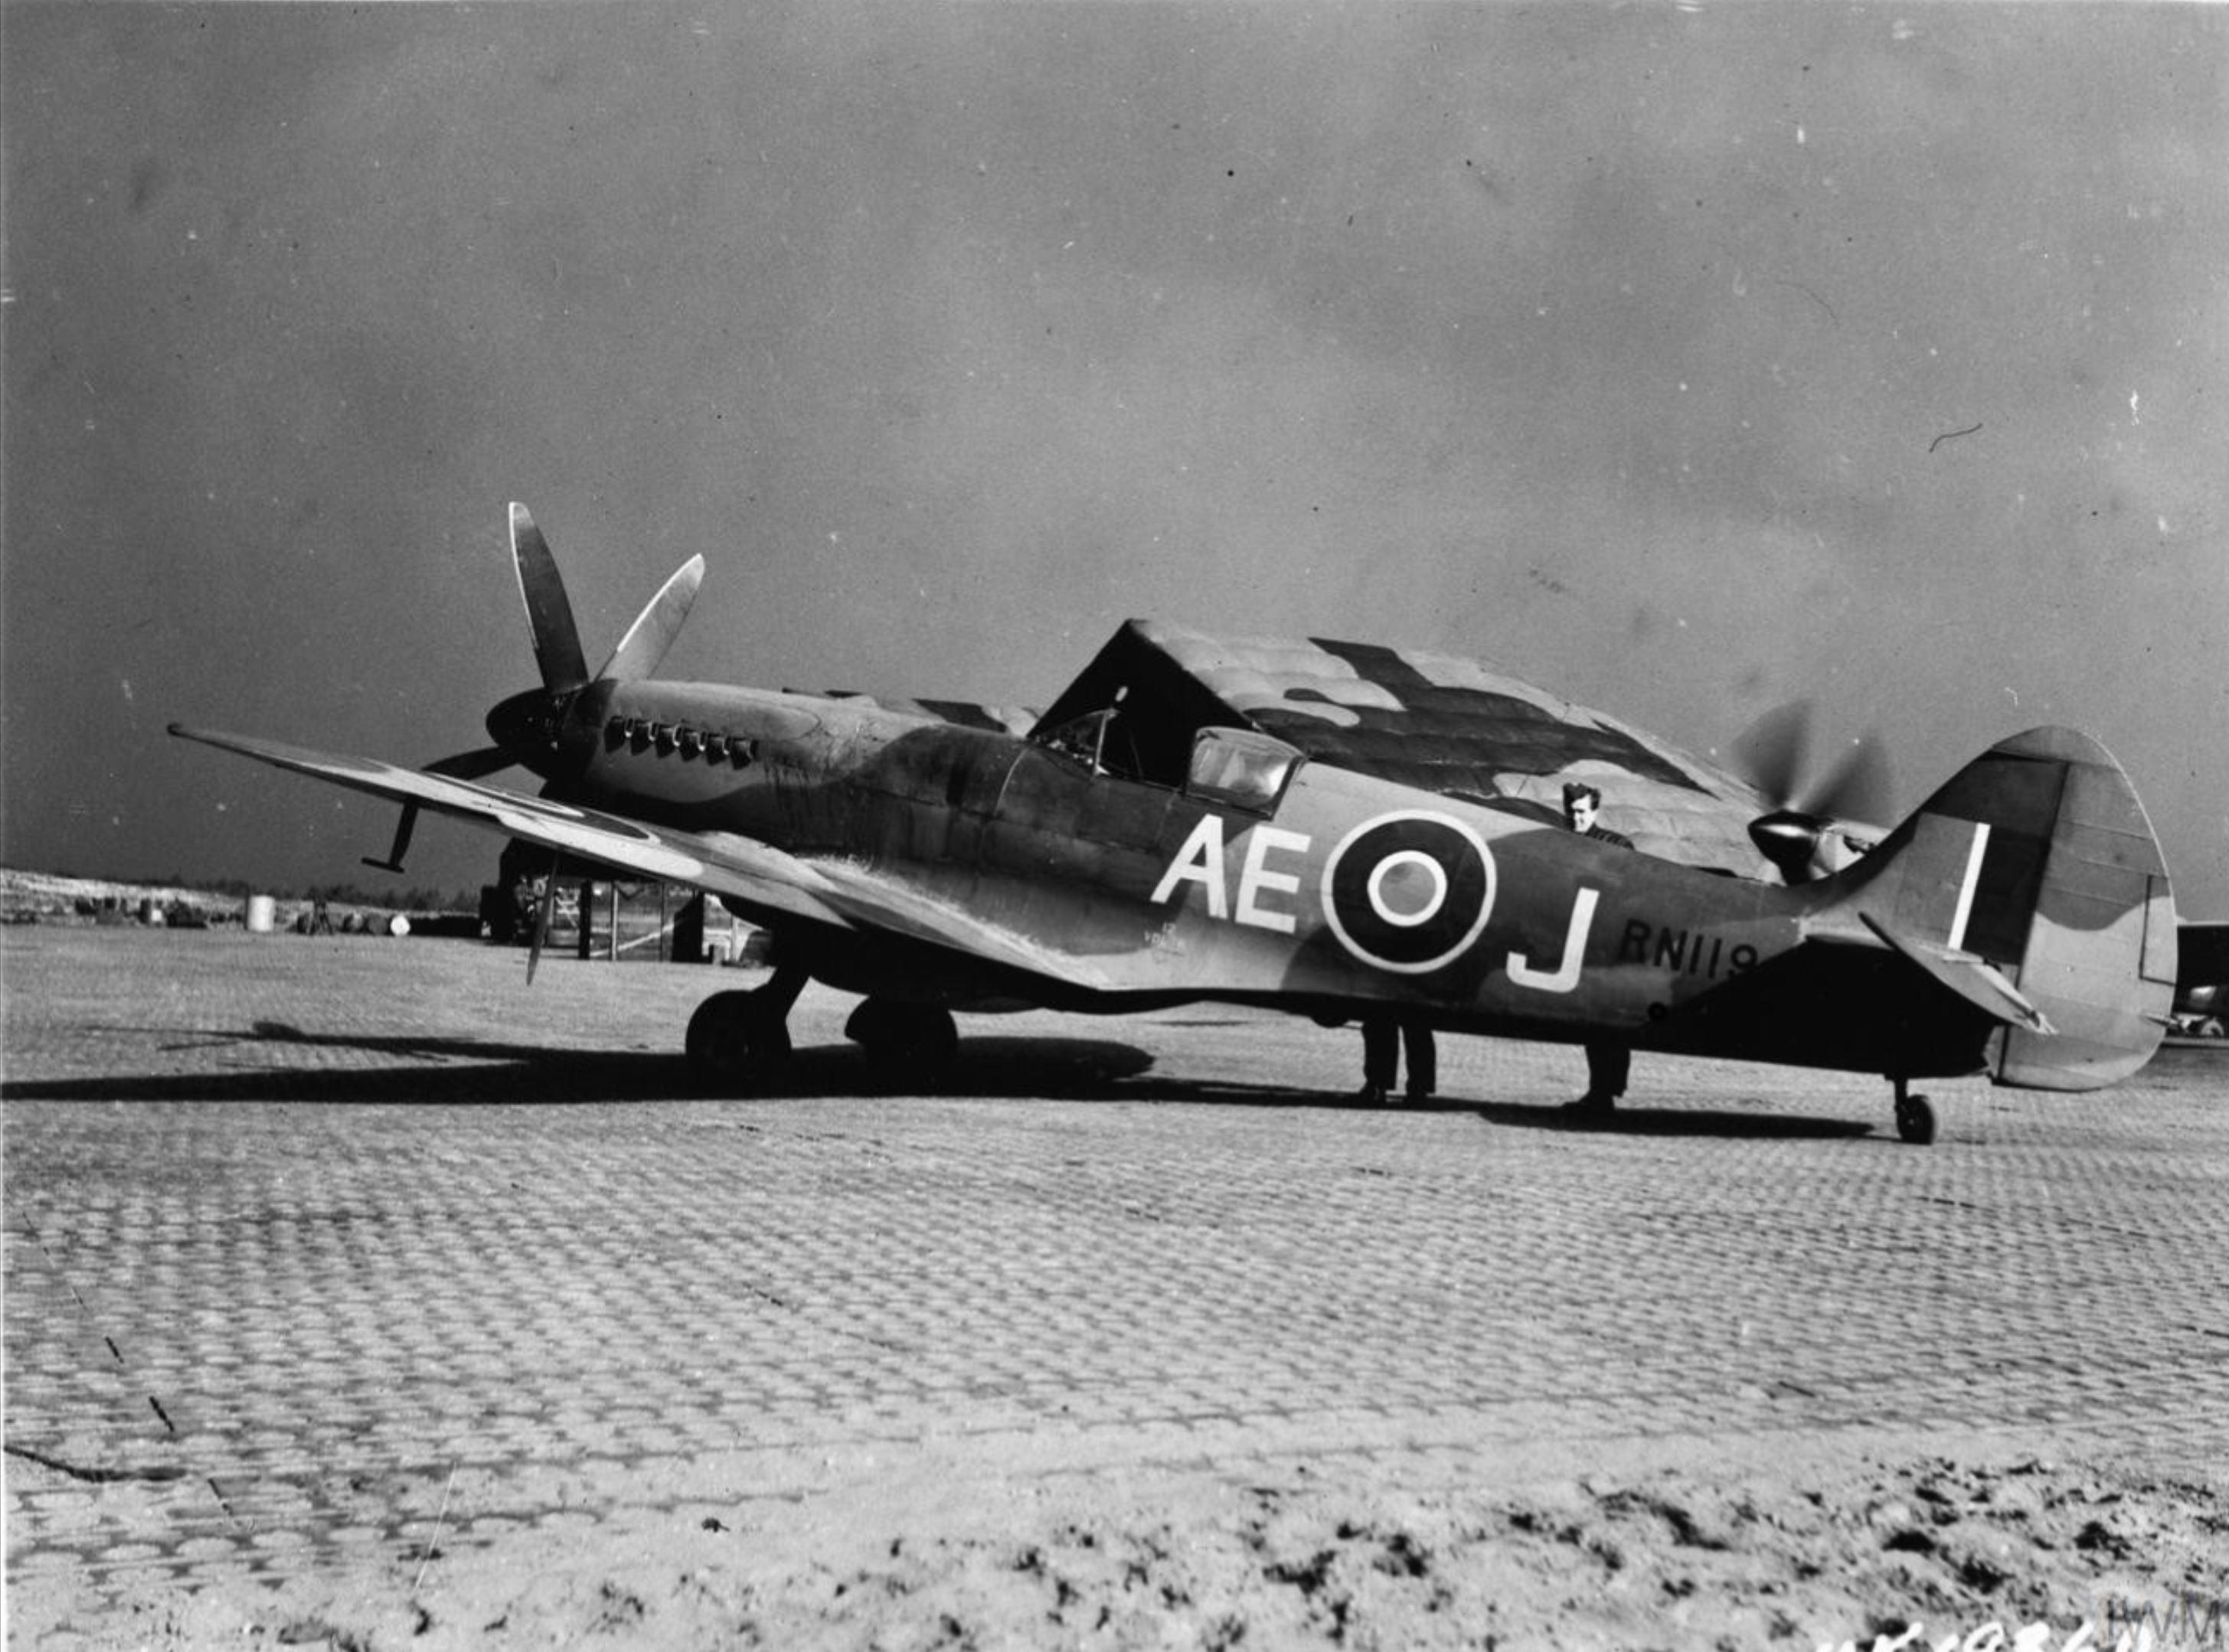 Spitfire FXIV RCAF 402Sqn AEJ RN119 at B88 Heesch Holland IWM MH6855